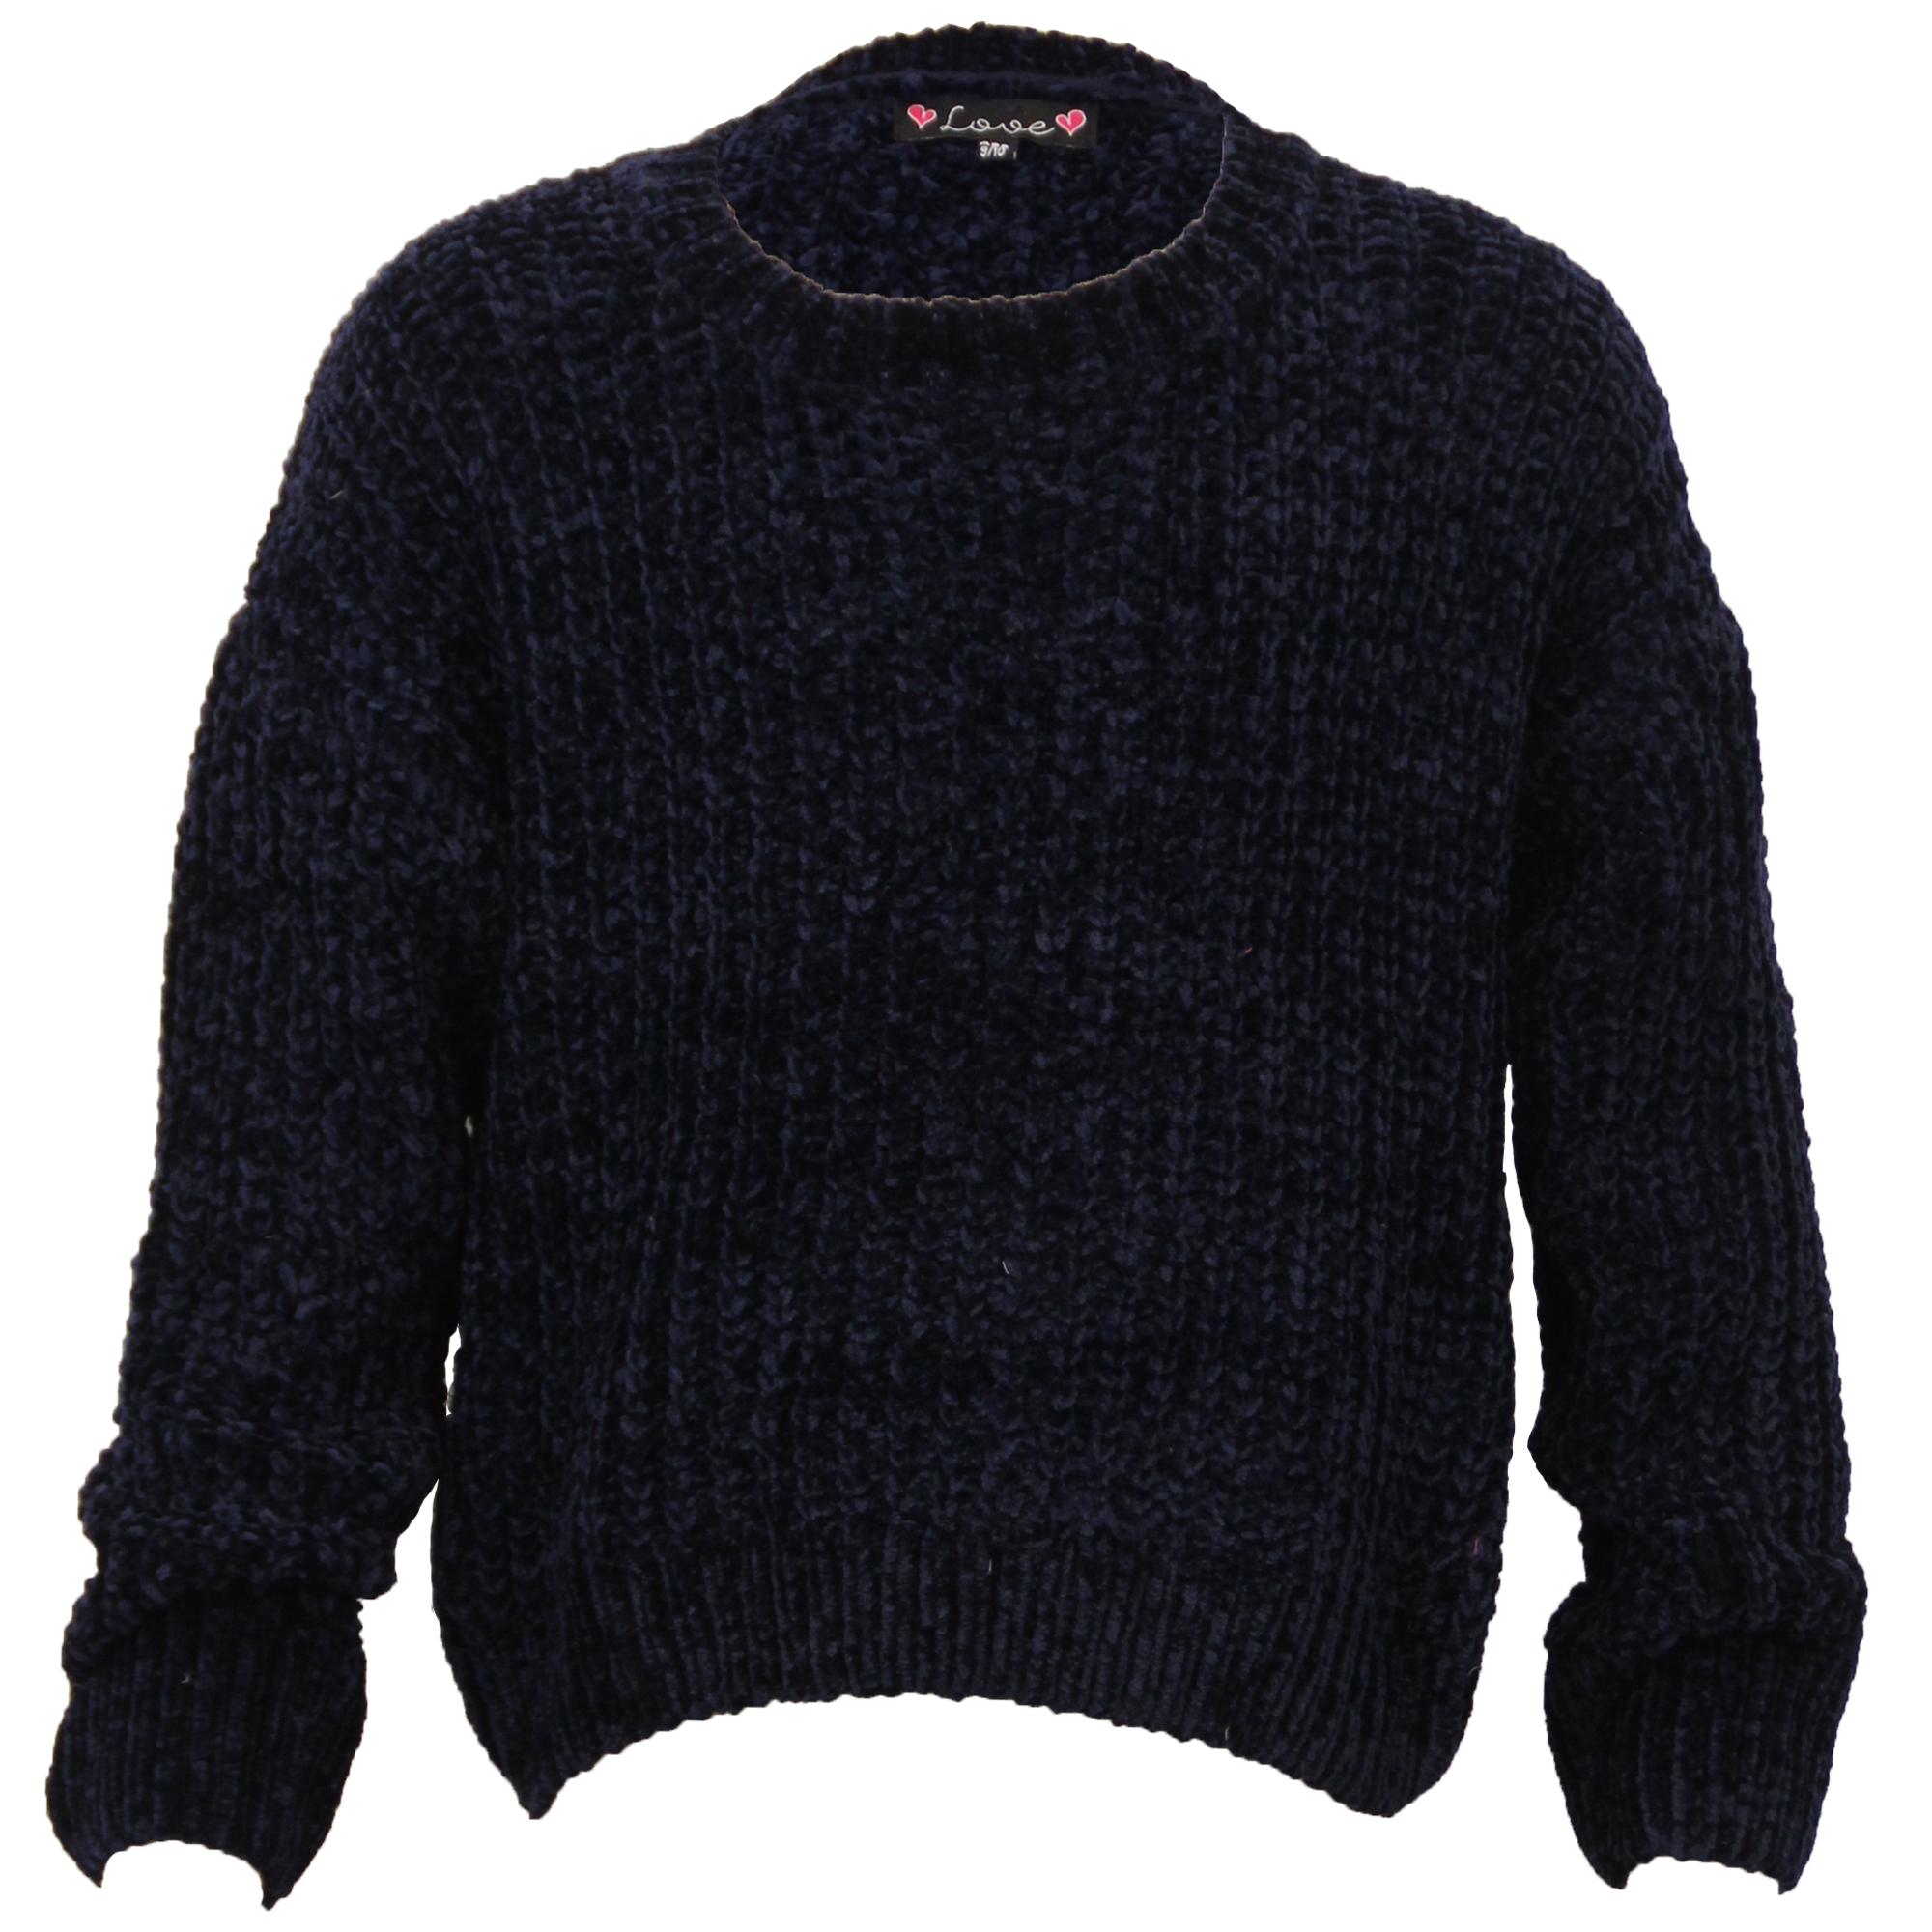 Nina-Cable-Sueter-de-Punto-Infantil-Pulover-Love-Knitwear-Cuello-Redondo